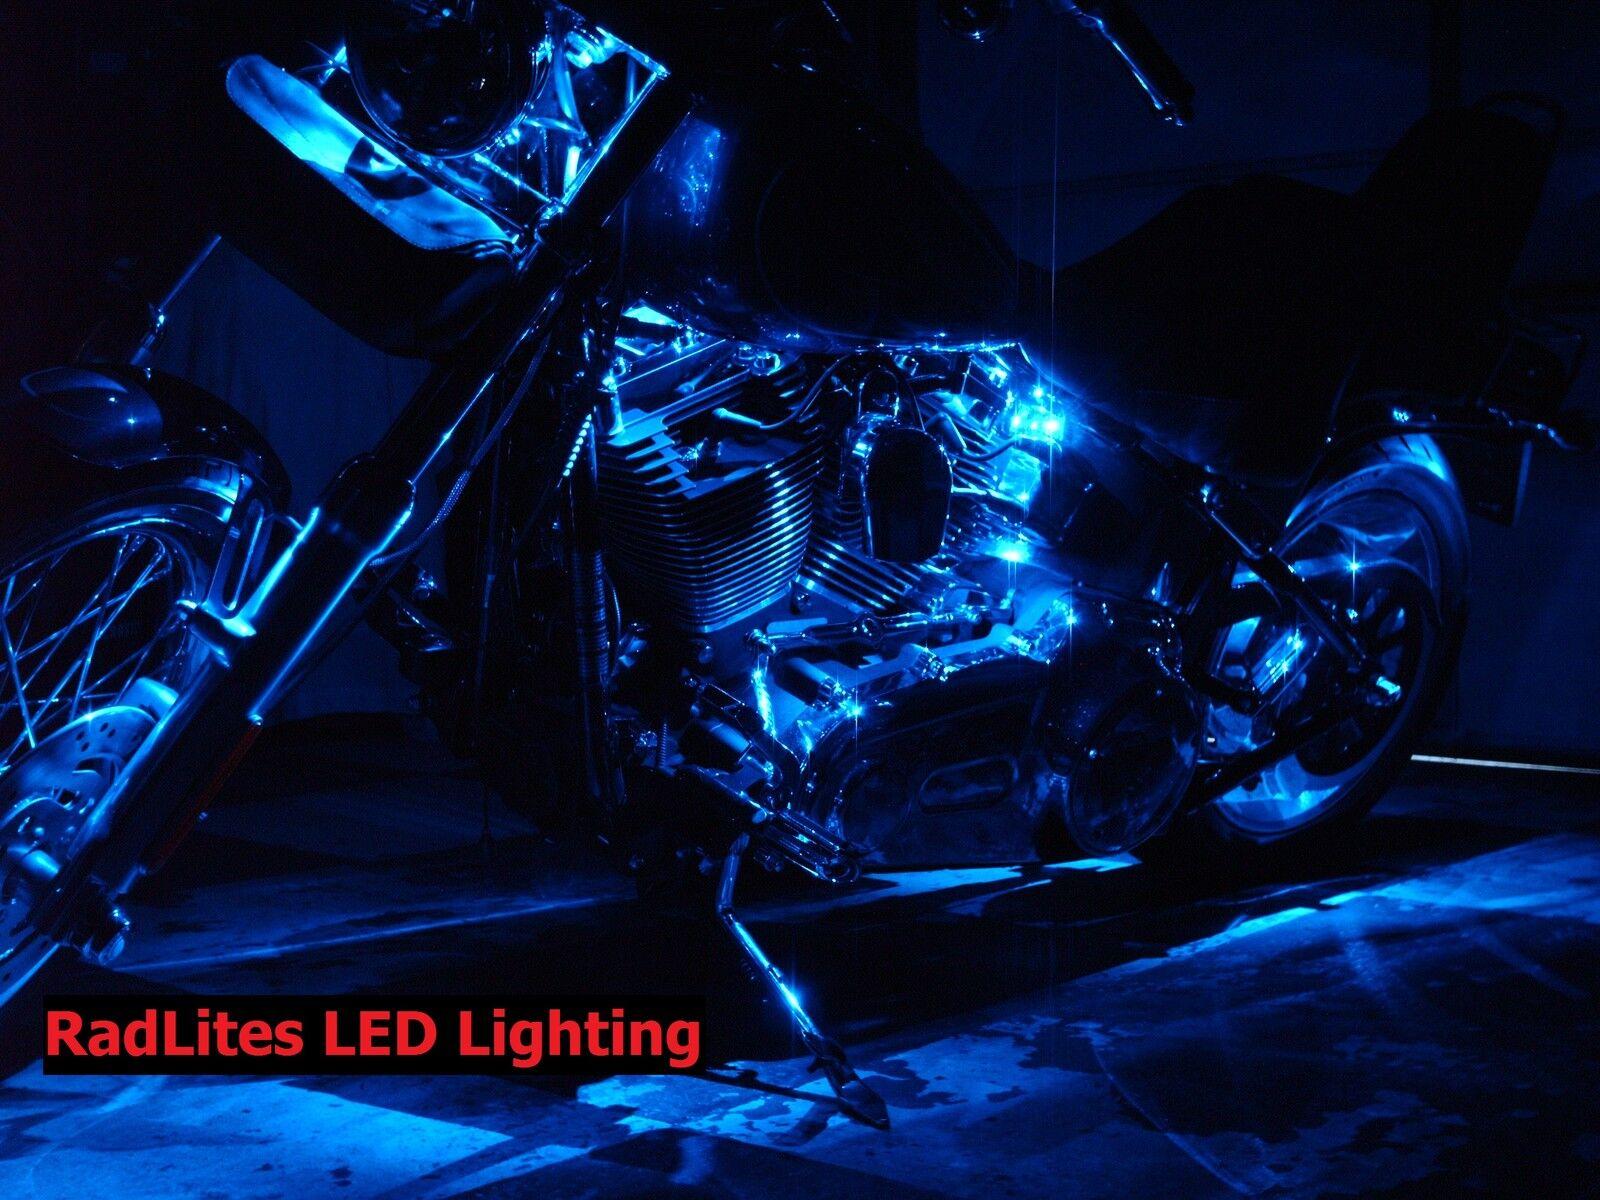 RadLites LED Lighting